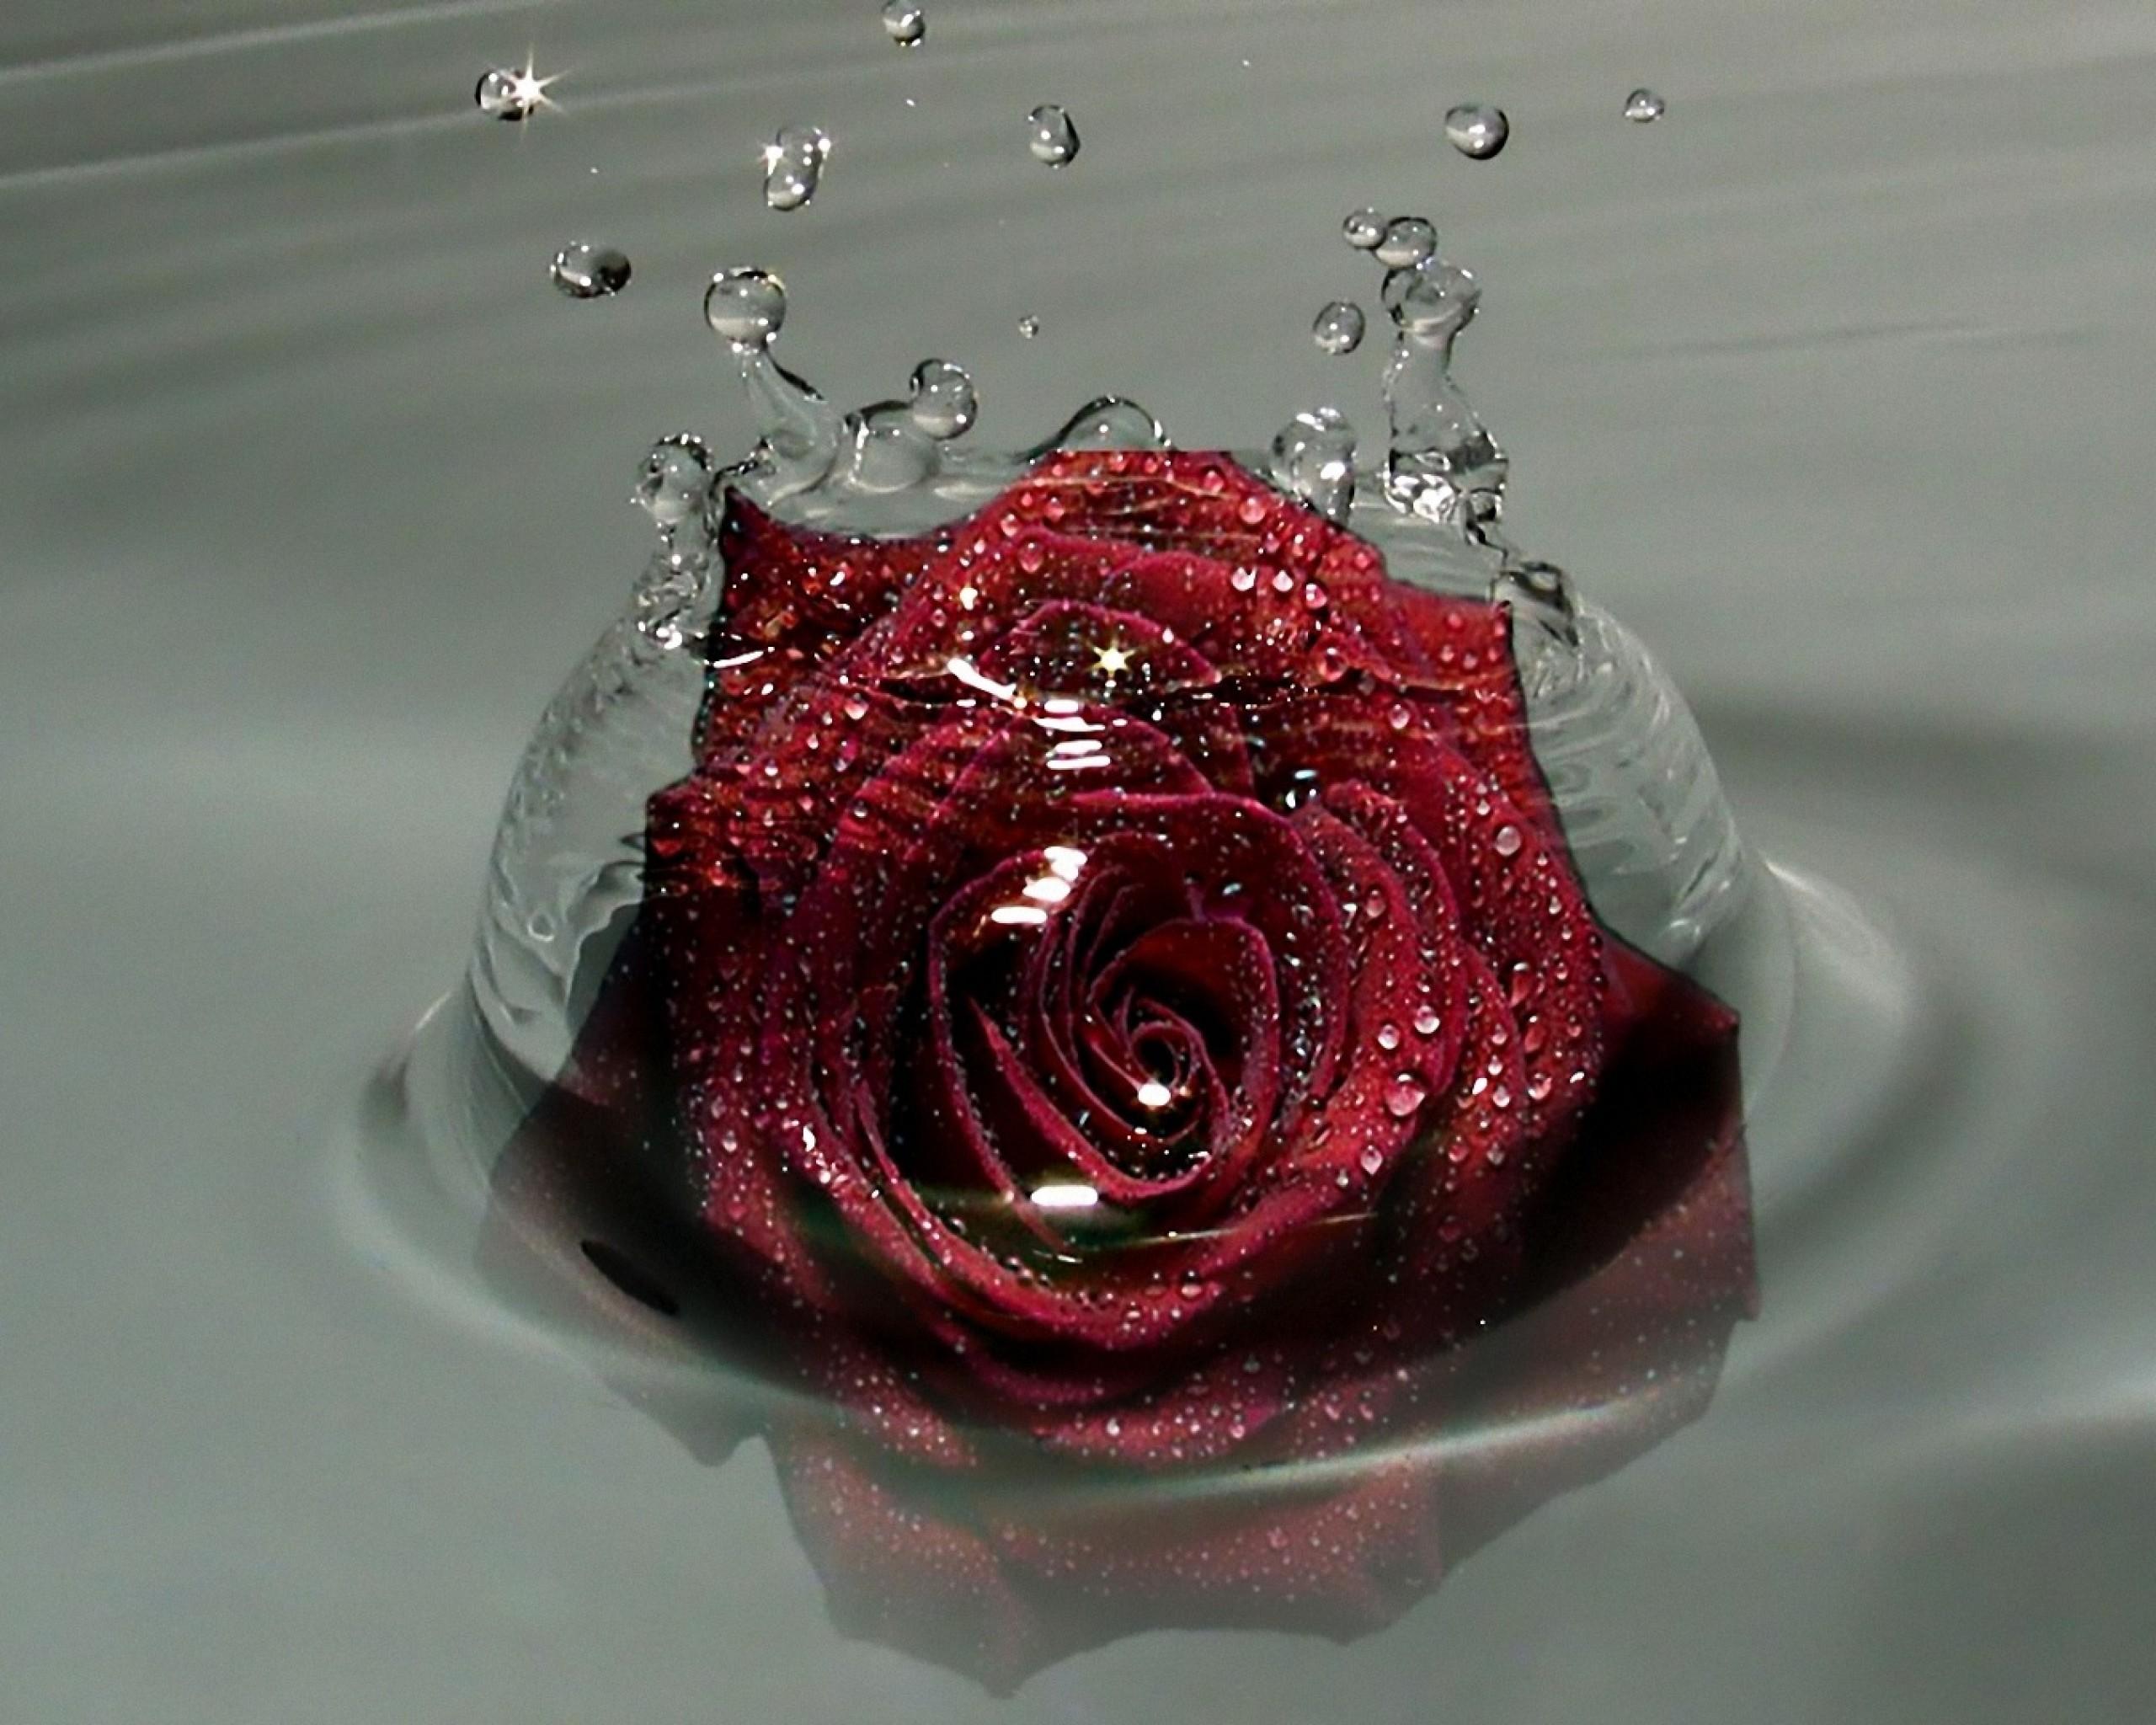 шеллак картинки красных роз на каплях воды можно узнать